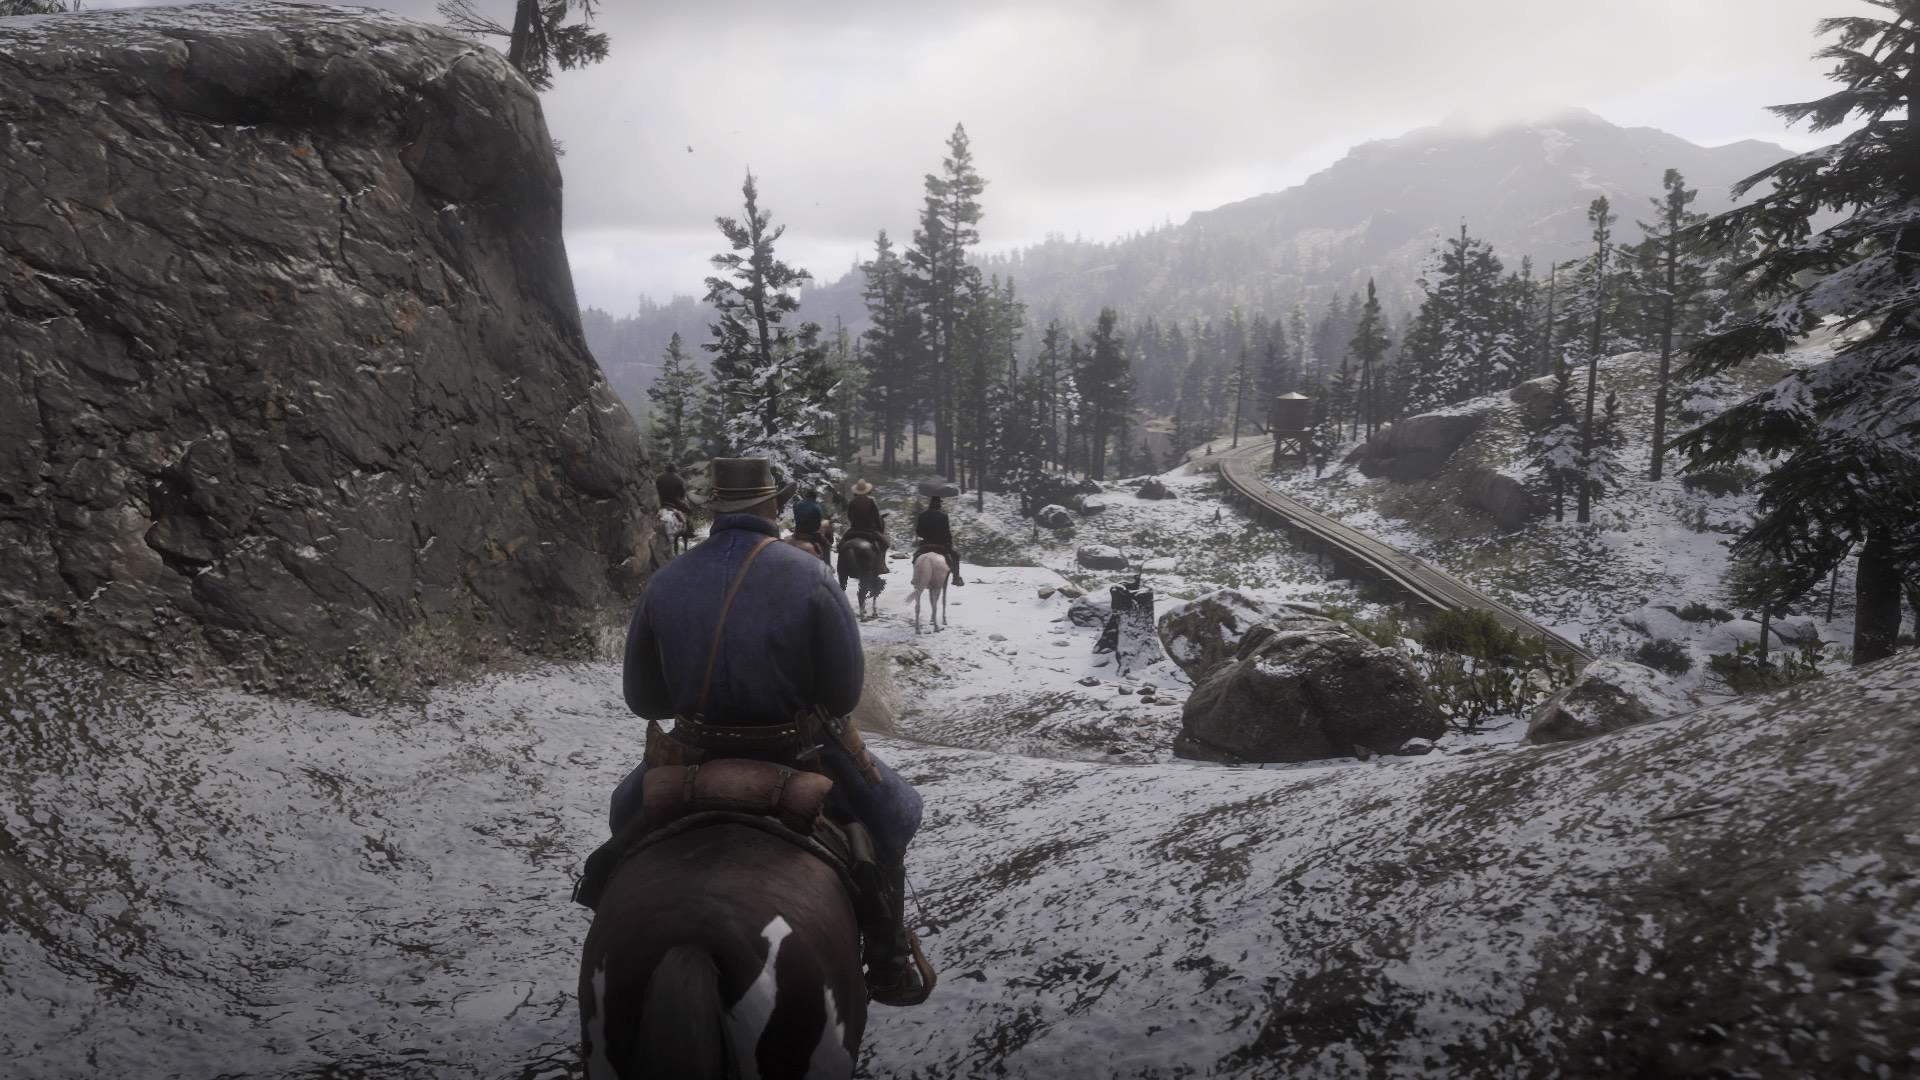 Serwis mówiący o battle royale w Red Dead Redemption 2 zapłaci milion funtów za przeciek informacji